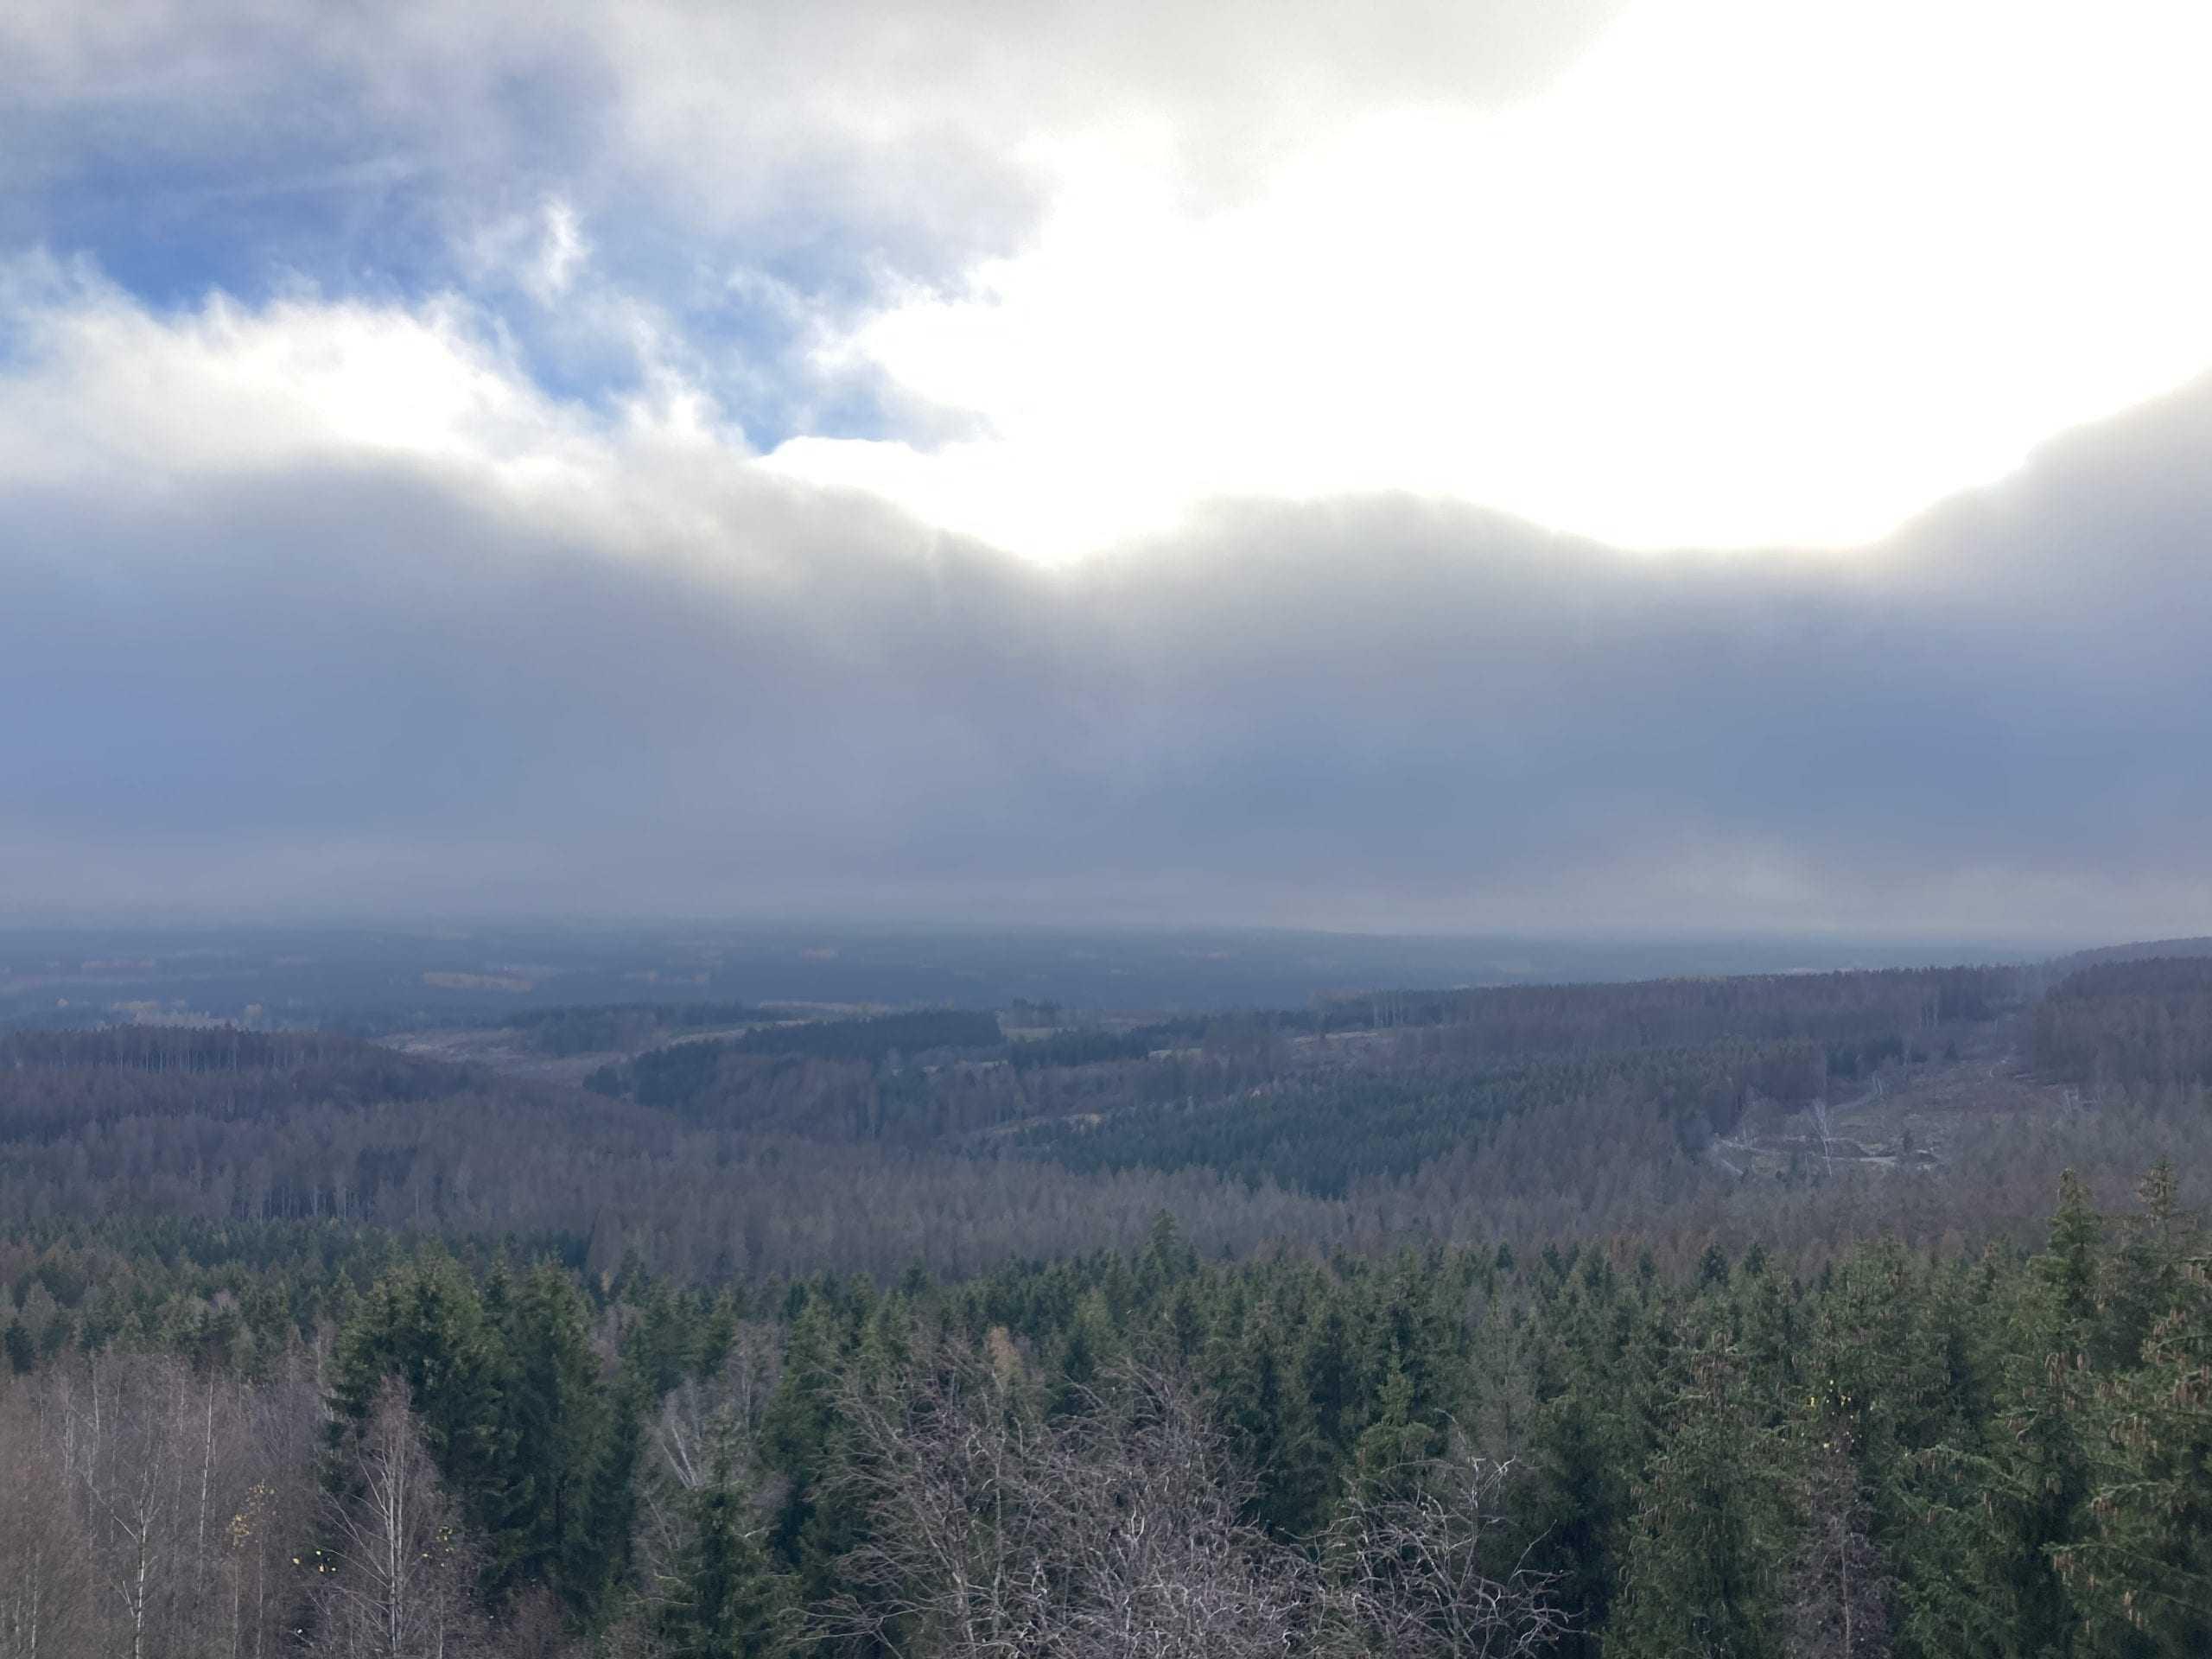 lick auf den Nationalpark Harz in dem ein weitläufiges Waldsterben durch den Klimawandel stark beschleunigt wird